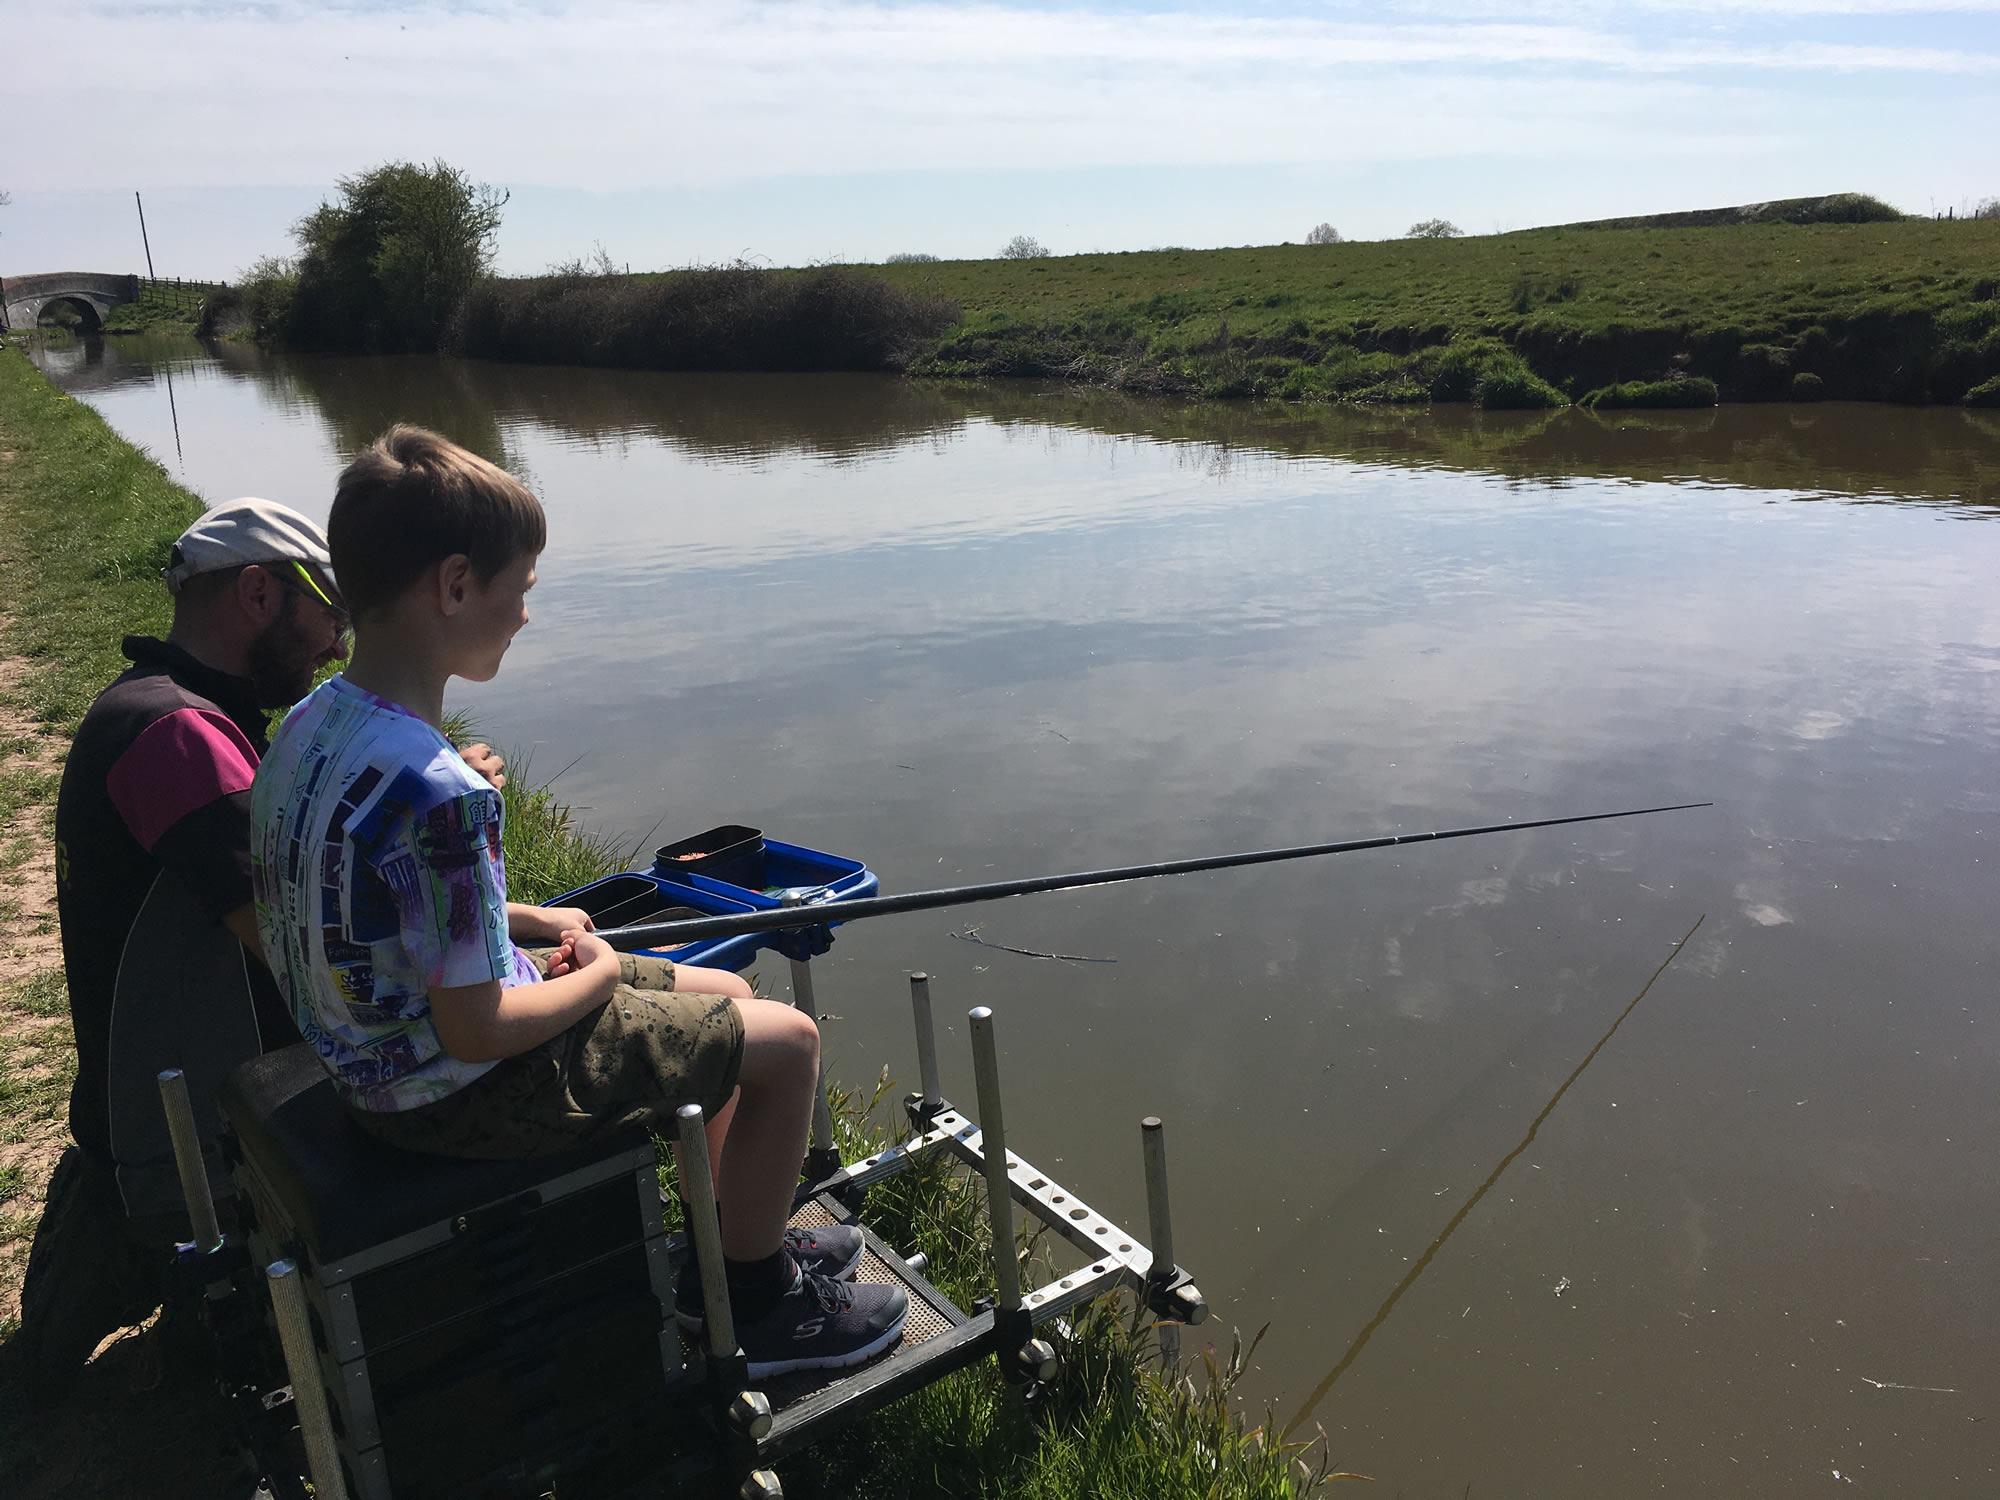 Get Fishing | Canal Fishing 2021 - 4